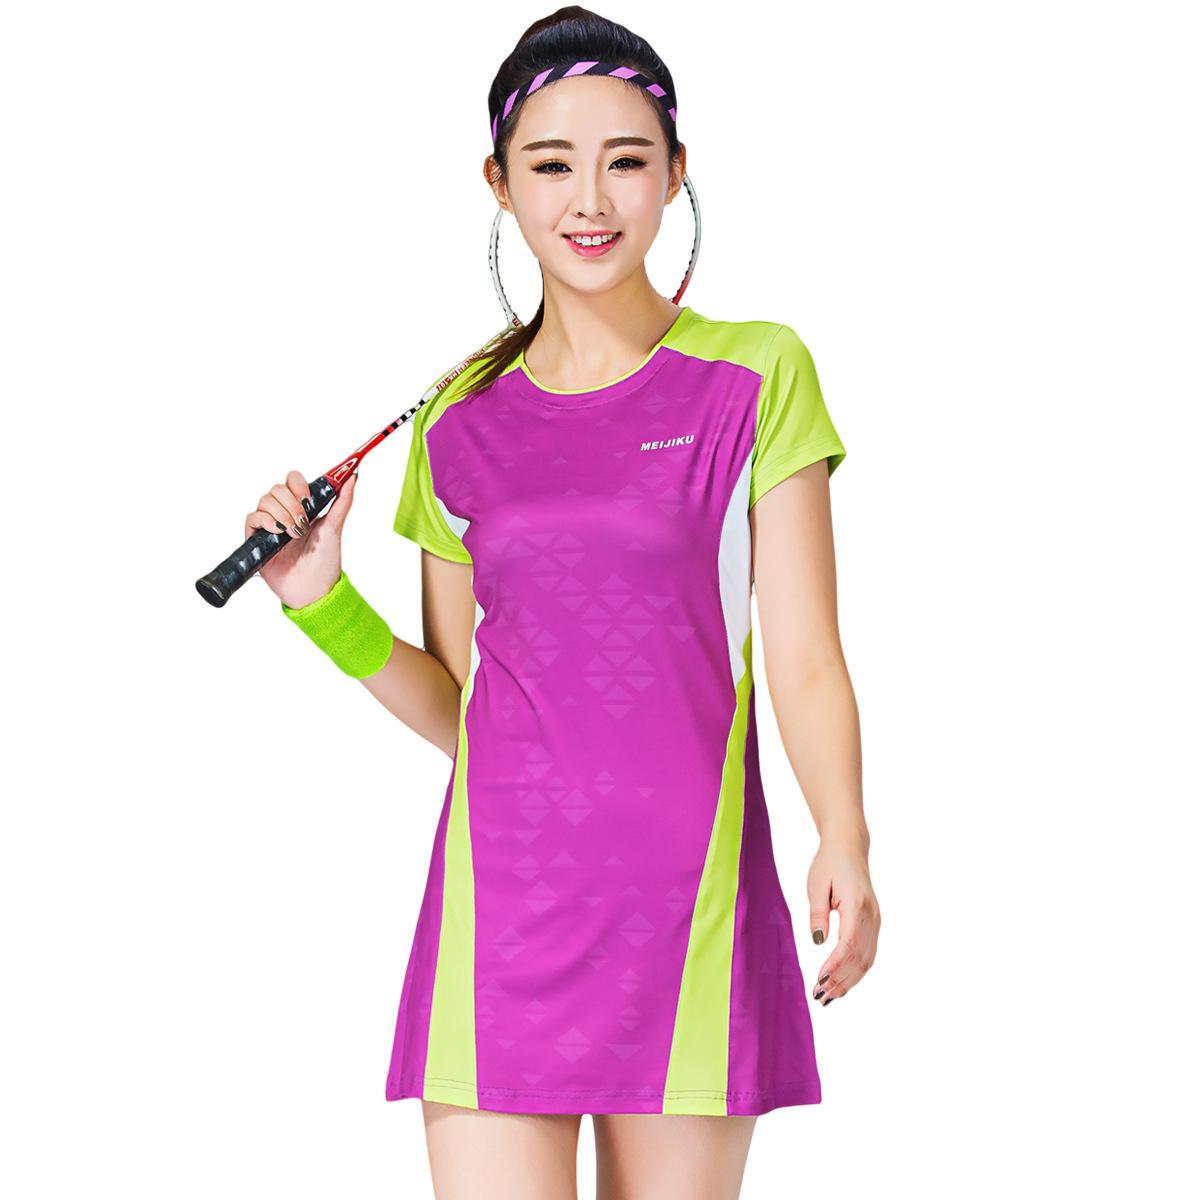 Ragazza Acquista Di Da Mini Hotpink 23 Abiti Personalizzati Dal A Ultimi Rosa Kuyee 47 Donna com Colore Tennis Dhgate E Sportivi Badminton rnrBpPq